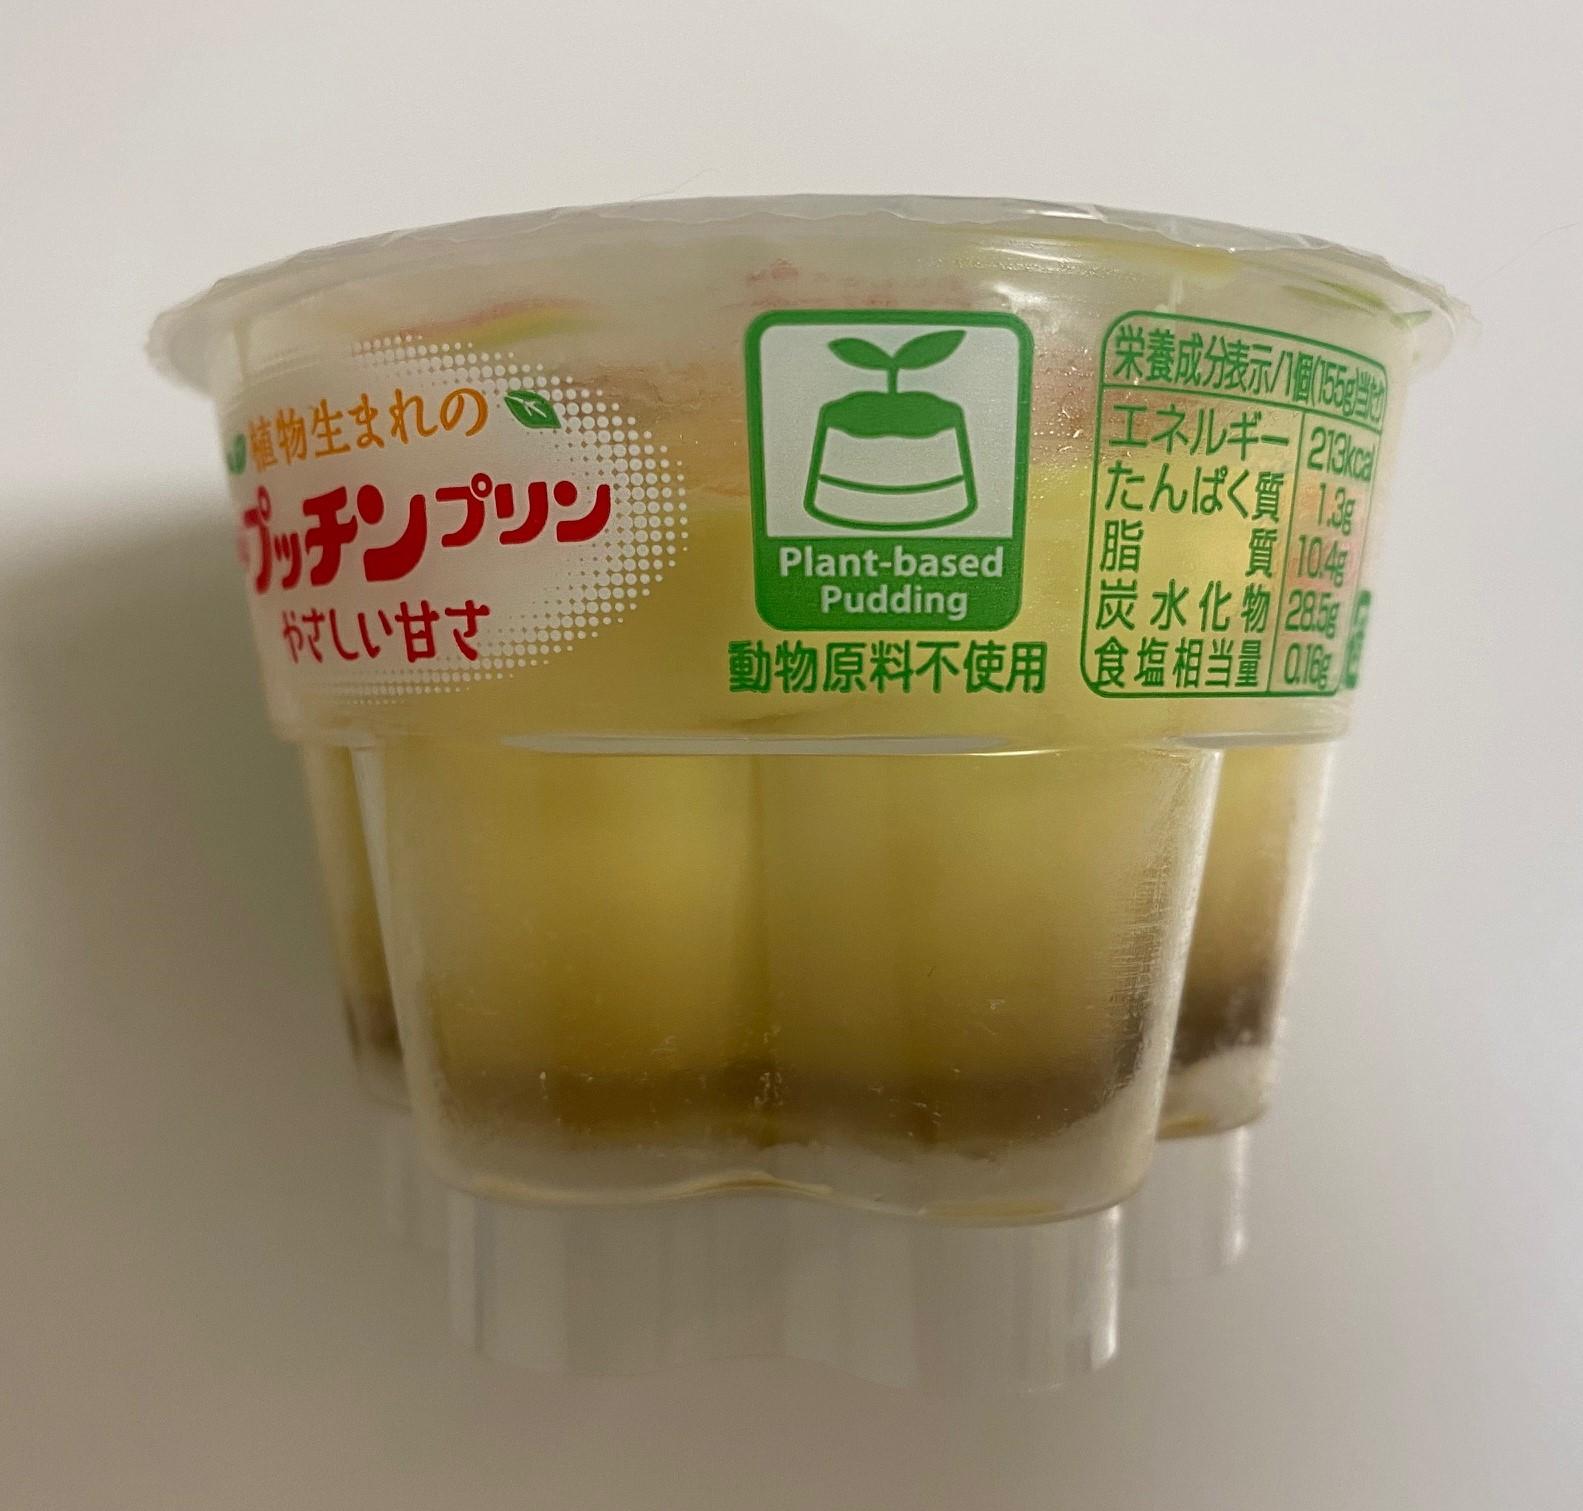 Ezaki Glico Born From Plants Pucchin Pudding 4